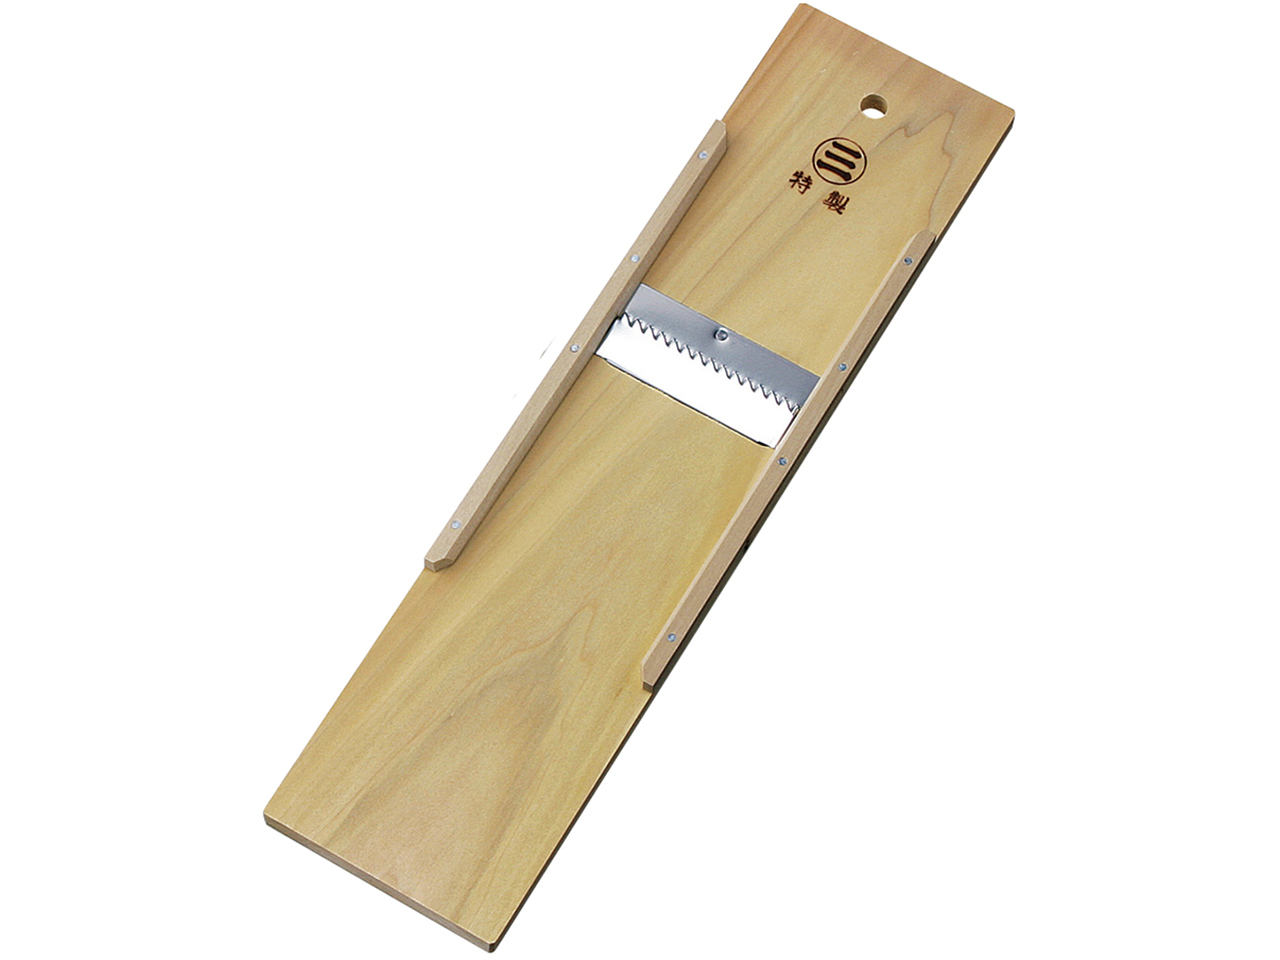 木製調理器 「切干突 小」(板の長さ約45cm)切干大根作りに!